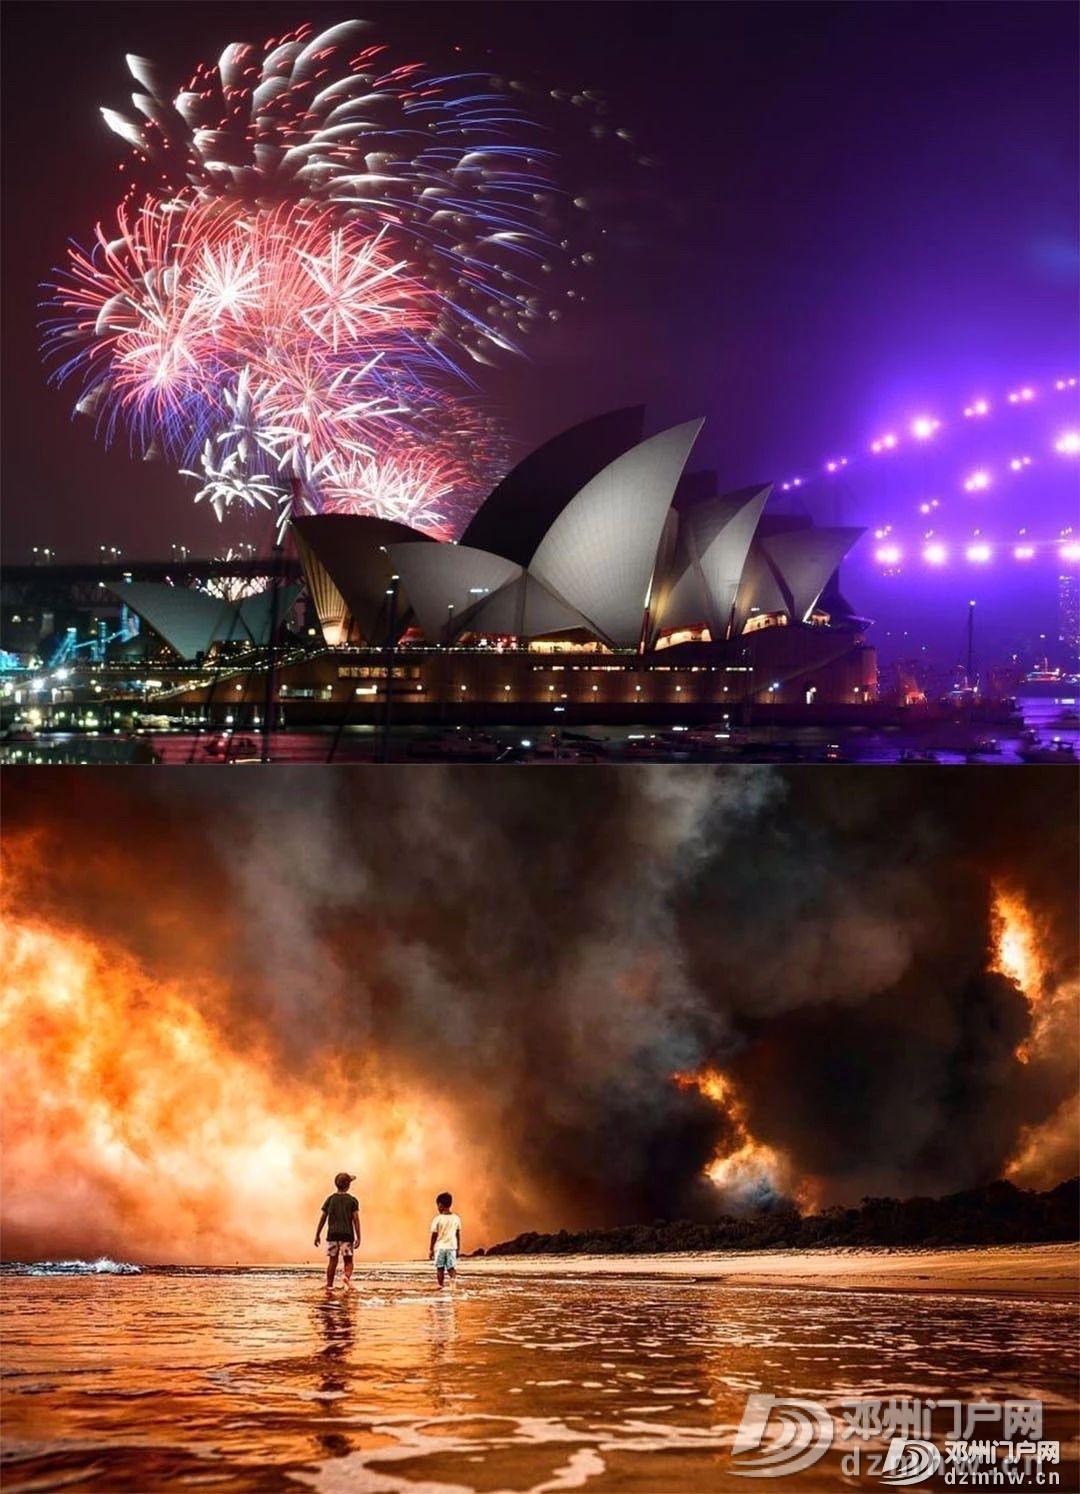 没有澳洲这场大火,我都不知道中国33年前这么厉害! - 邓州门户网|邓州网 - 35ff1609dd0a327eb18b3ed6c6390c1f.jpg